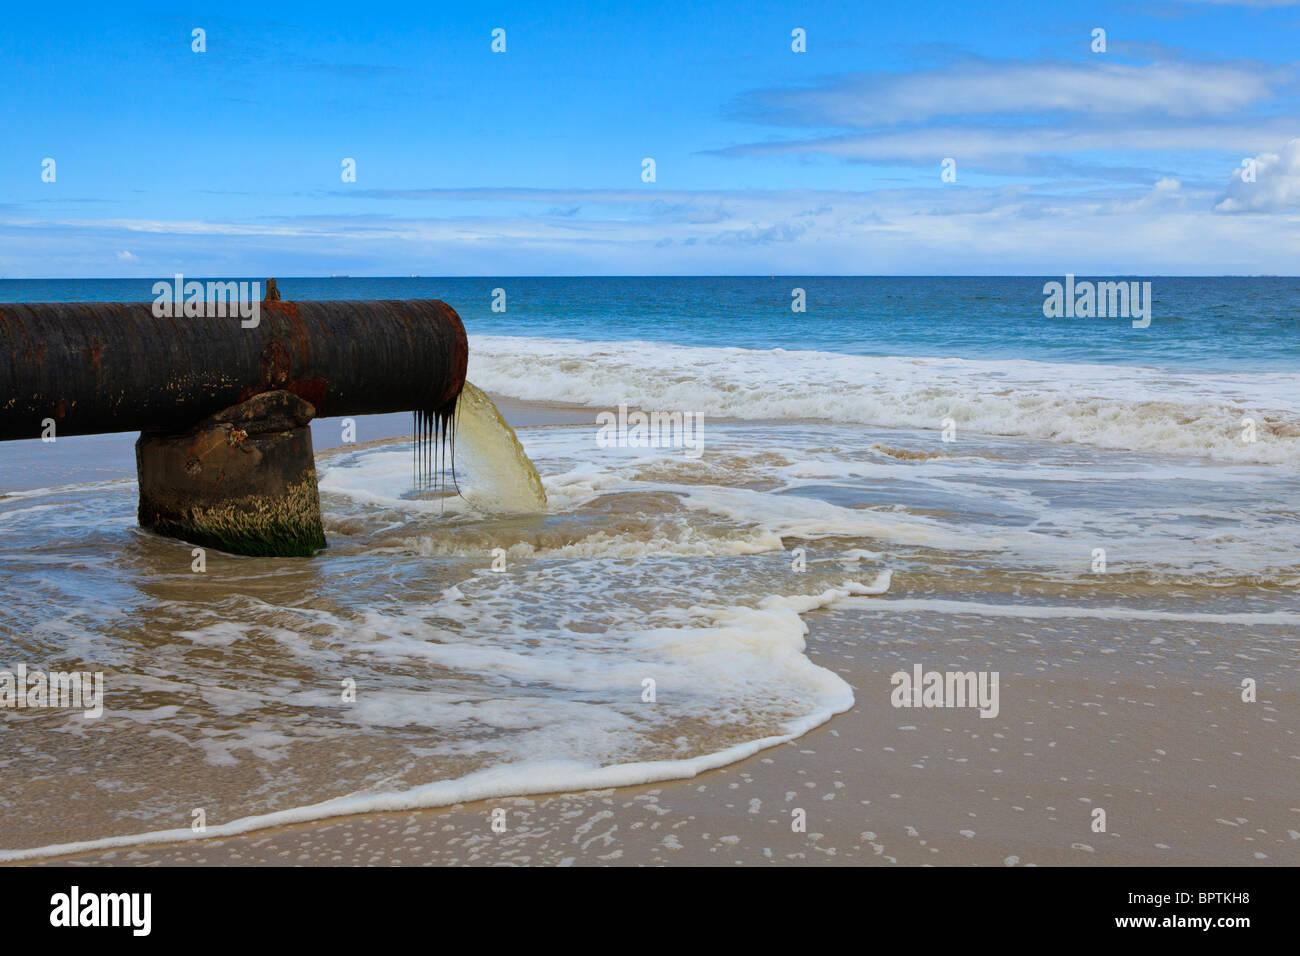 Tuyau d'évacuation d'eau de pluie coule sur une plage. Photo Stock